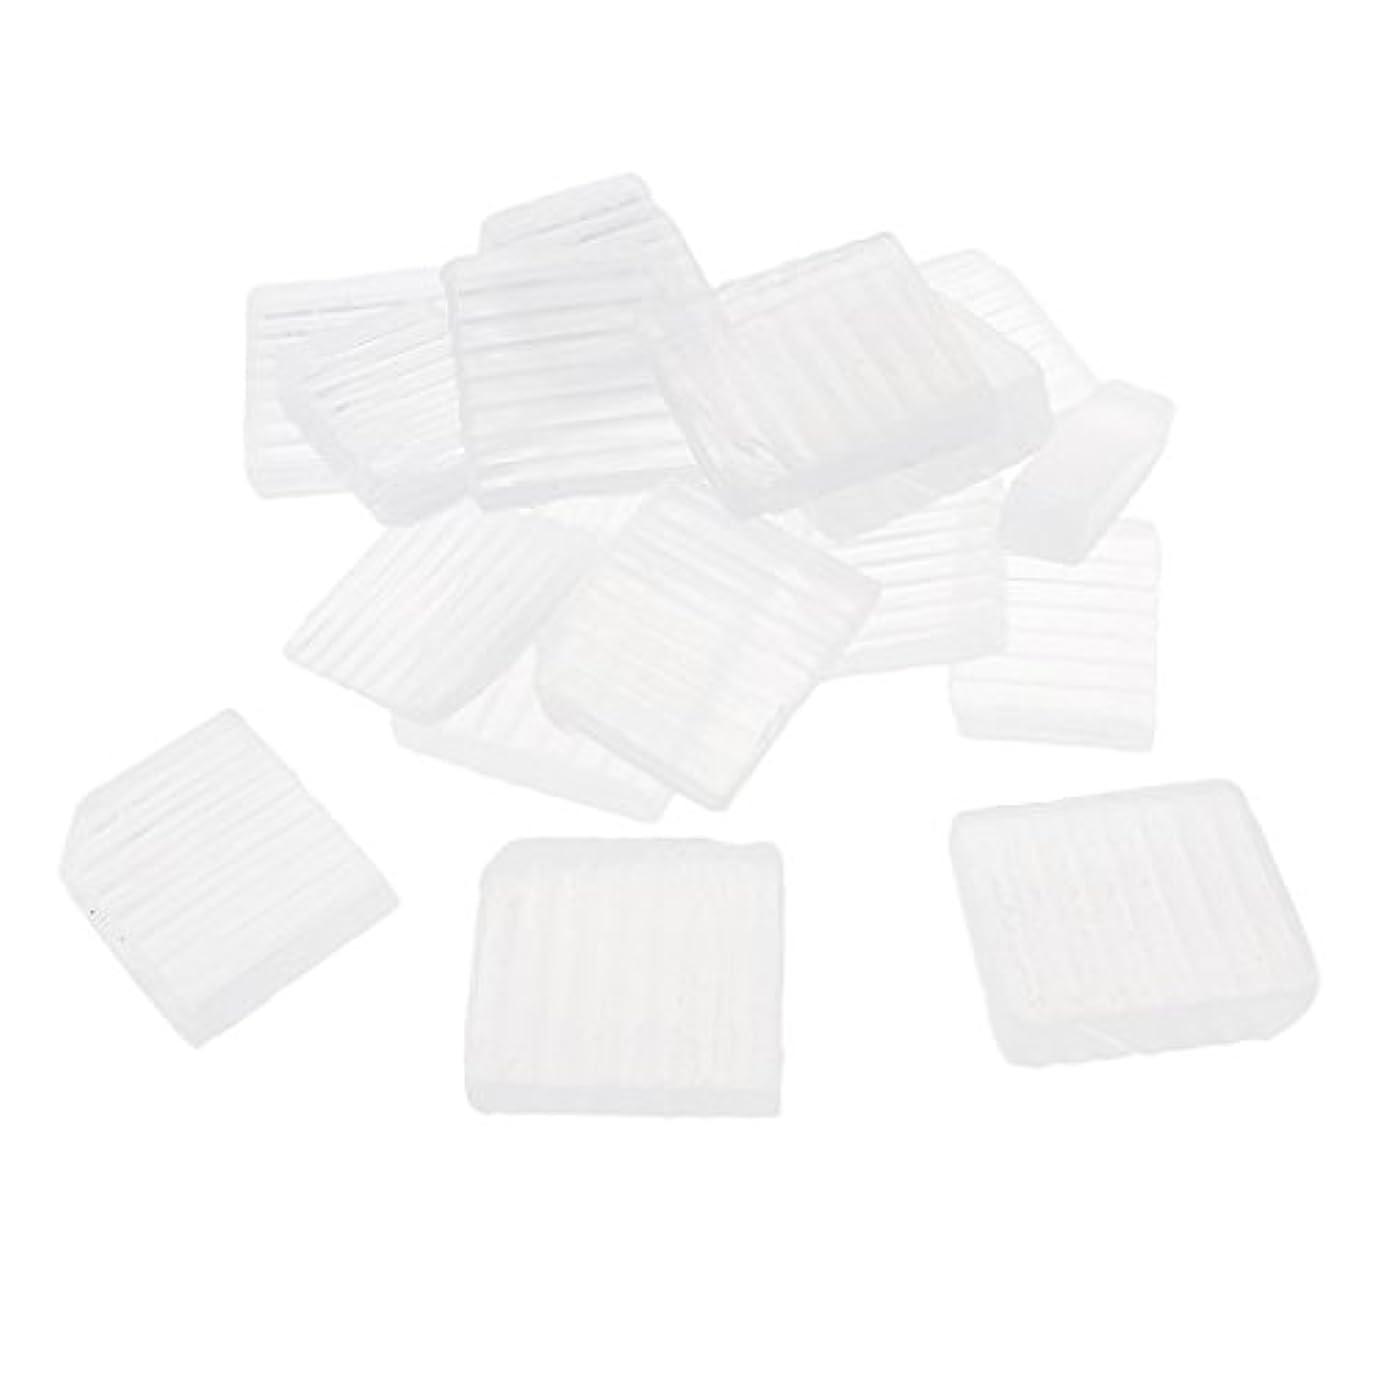 発疹たまにパワーセルP Prettyia 透明 石鹸ベース DIY 手作り 石鹸 材料 約1 KG DIYギフト